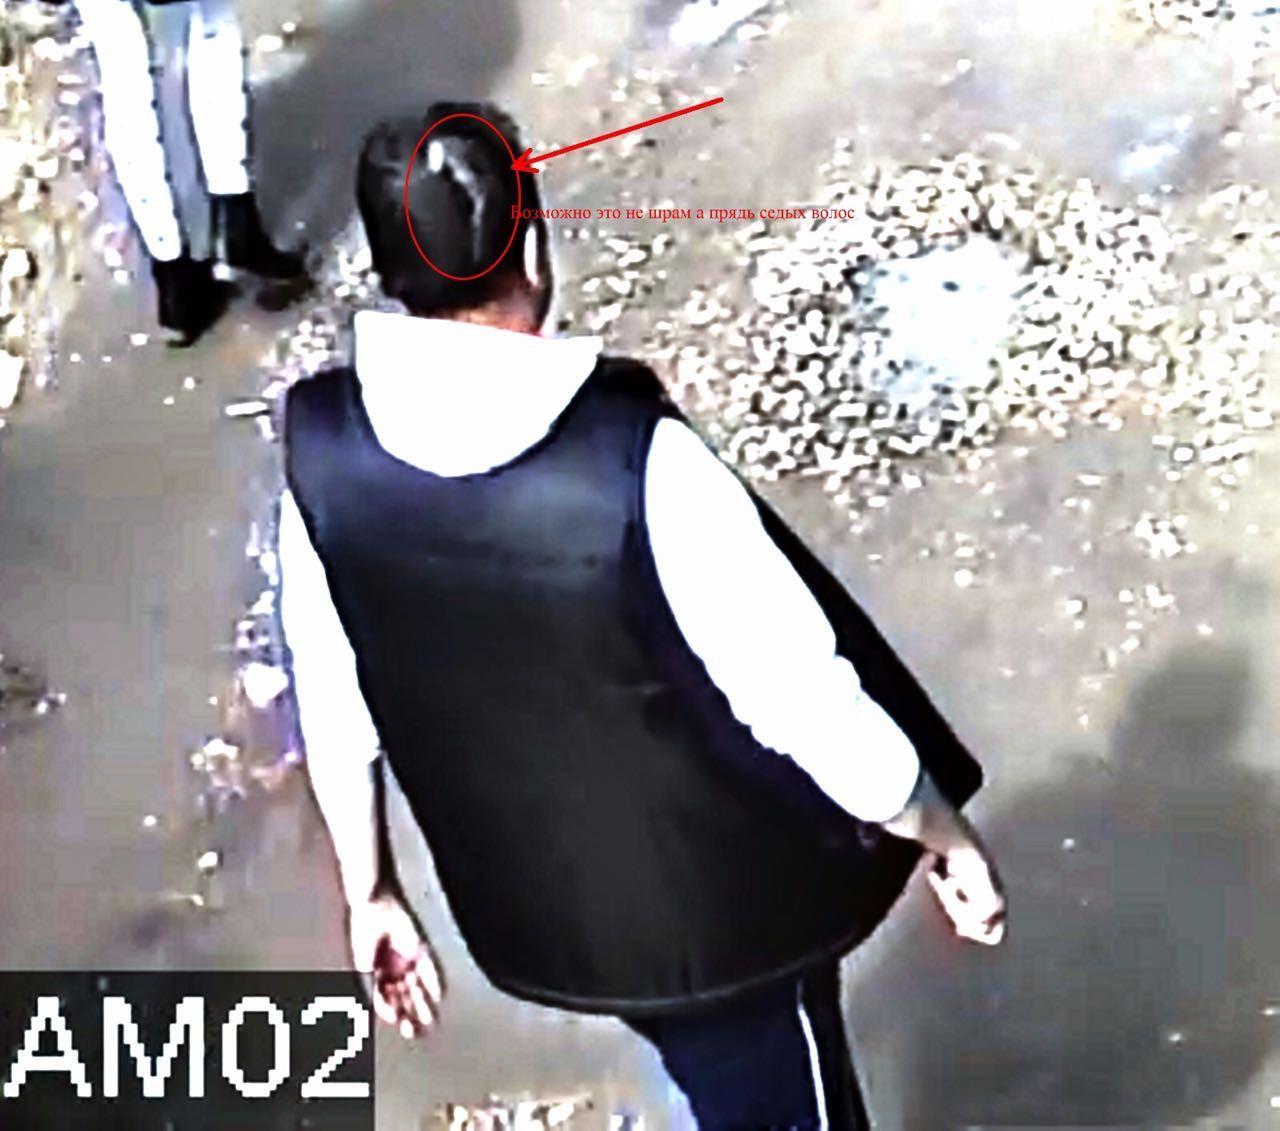 ВАрмавире объявили врозыск подозреваемого впохищении девушки